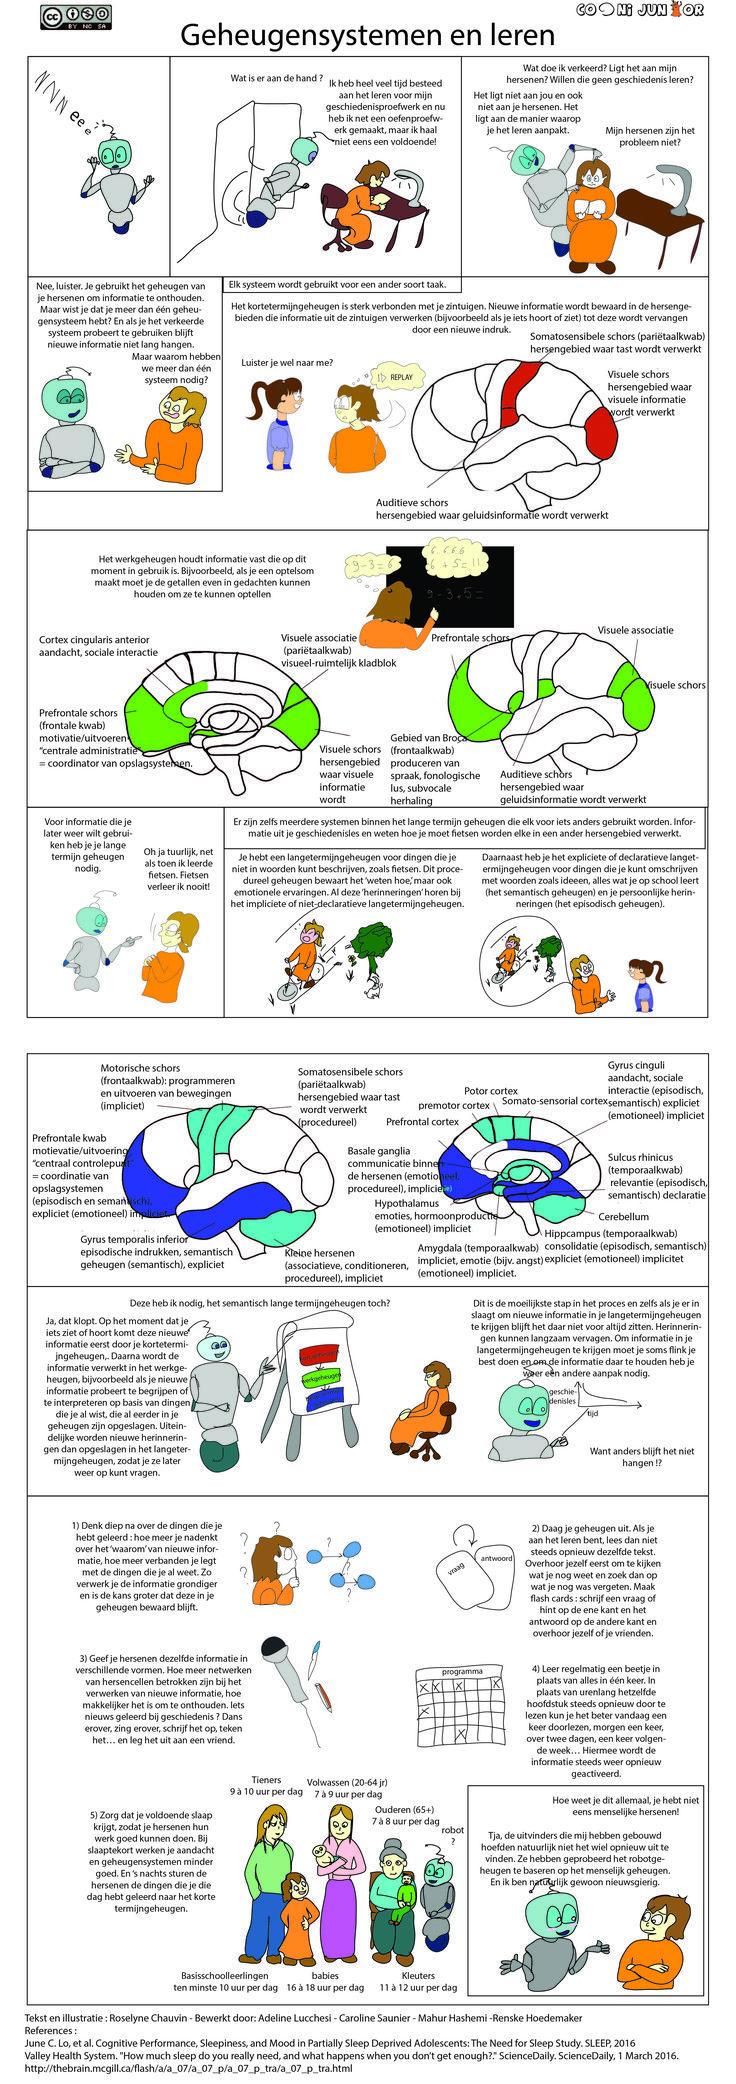 Vind je het moeilijk om nieuwe informatie te onthouden? Wetenschappers hebben tips, maar daarvoor moet je eerst meer weten over hoe je geheugen precies werkt! Tekst en illustratie : Roselyne Bewerkt door: Mahur-Renske References : June C. Lo, et al. Cognitive Performance, Sleepiness, and Mood in Partially Sleep Deprived Adolescents: The Need for Sleep Study.…